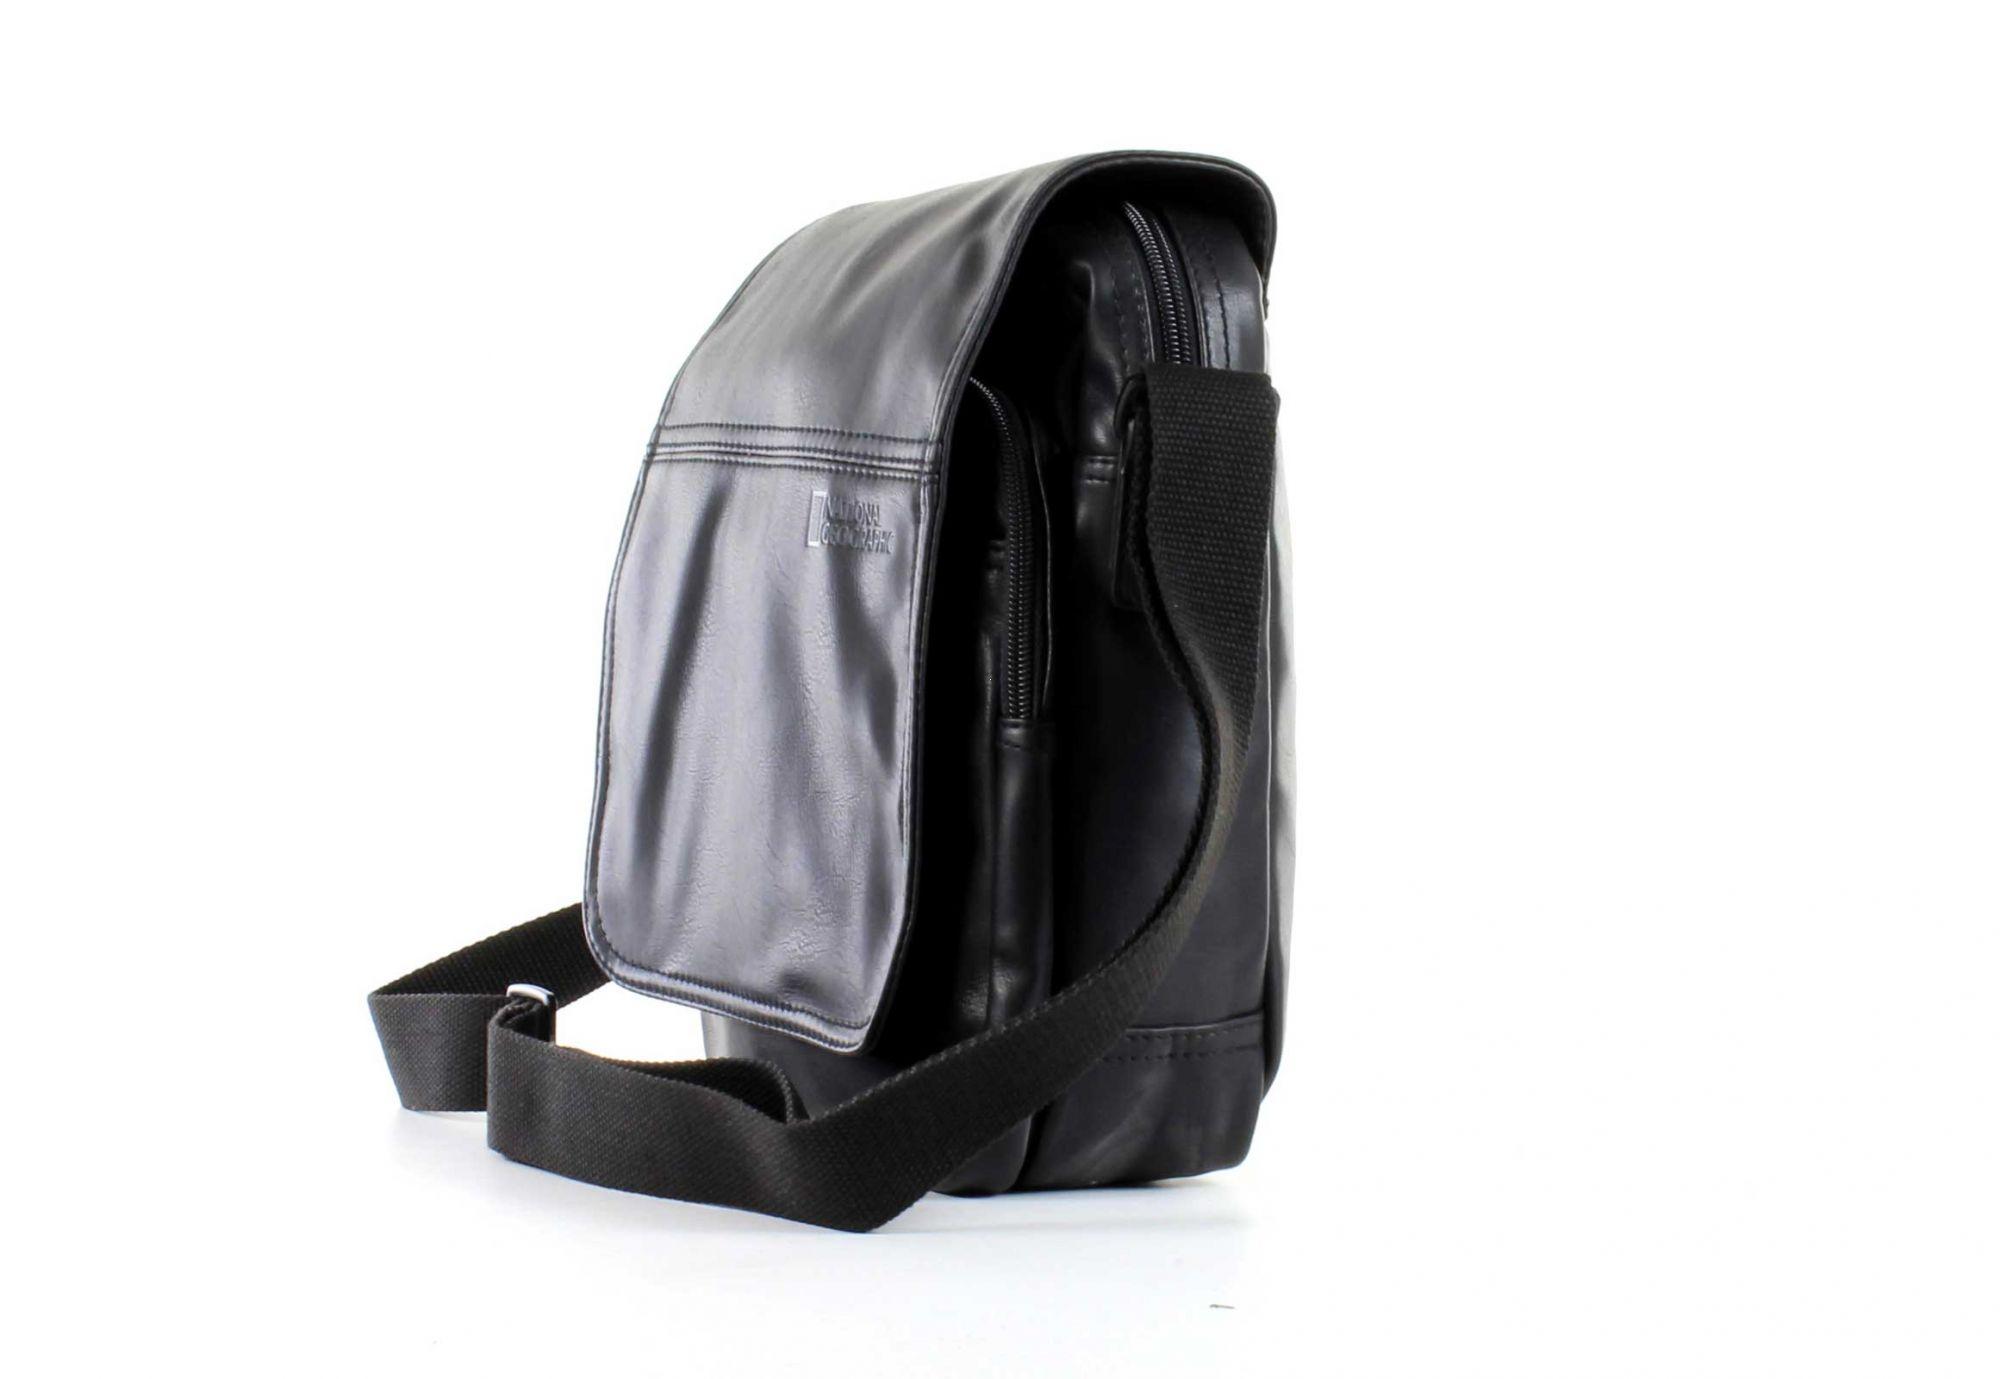 e51ebd355d6db Mała torba na ramię z klapą marki National Geographic z serii Dean, ...